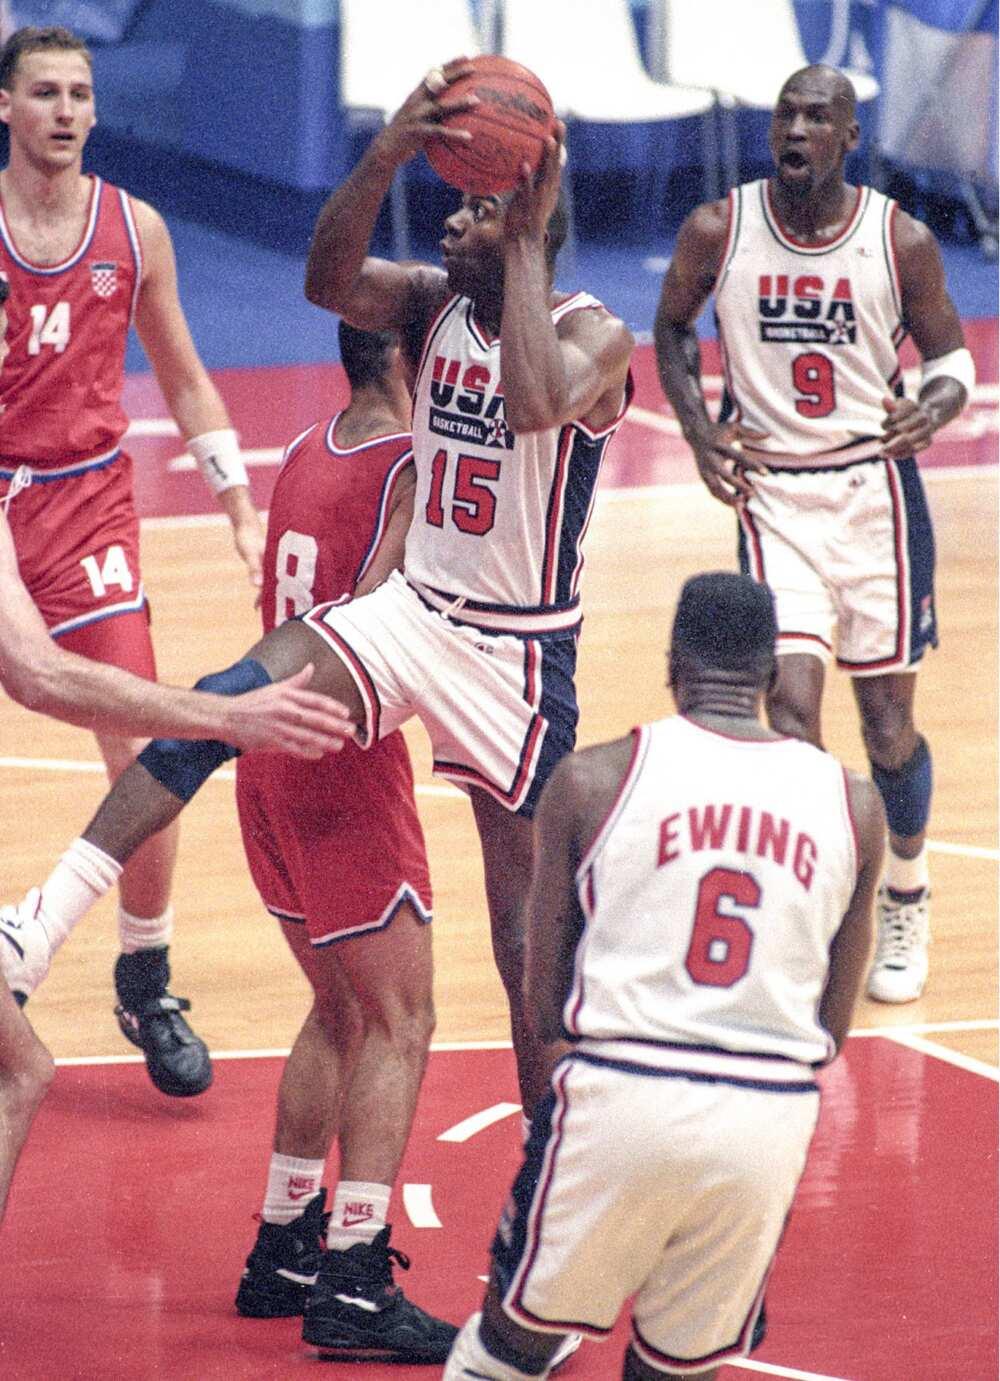 Magic Johnson des États-Unis se dirige vers le panier lors de la finale de basket-ball masculin contre la Croatie aux Jeux olympiques de Barcelone en août 1992, sous les yeux de Michael Jordan. (Photo de Kyodo News via Getty Images)